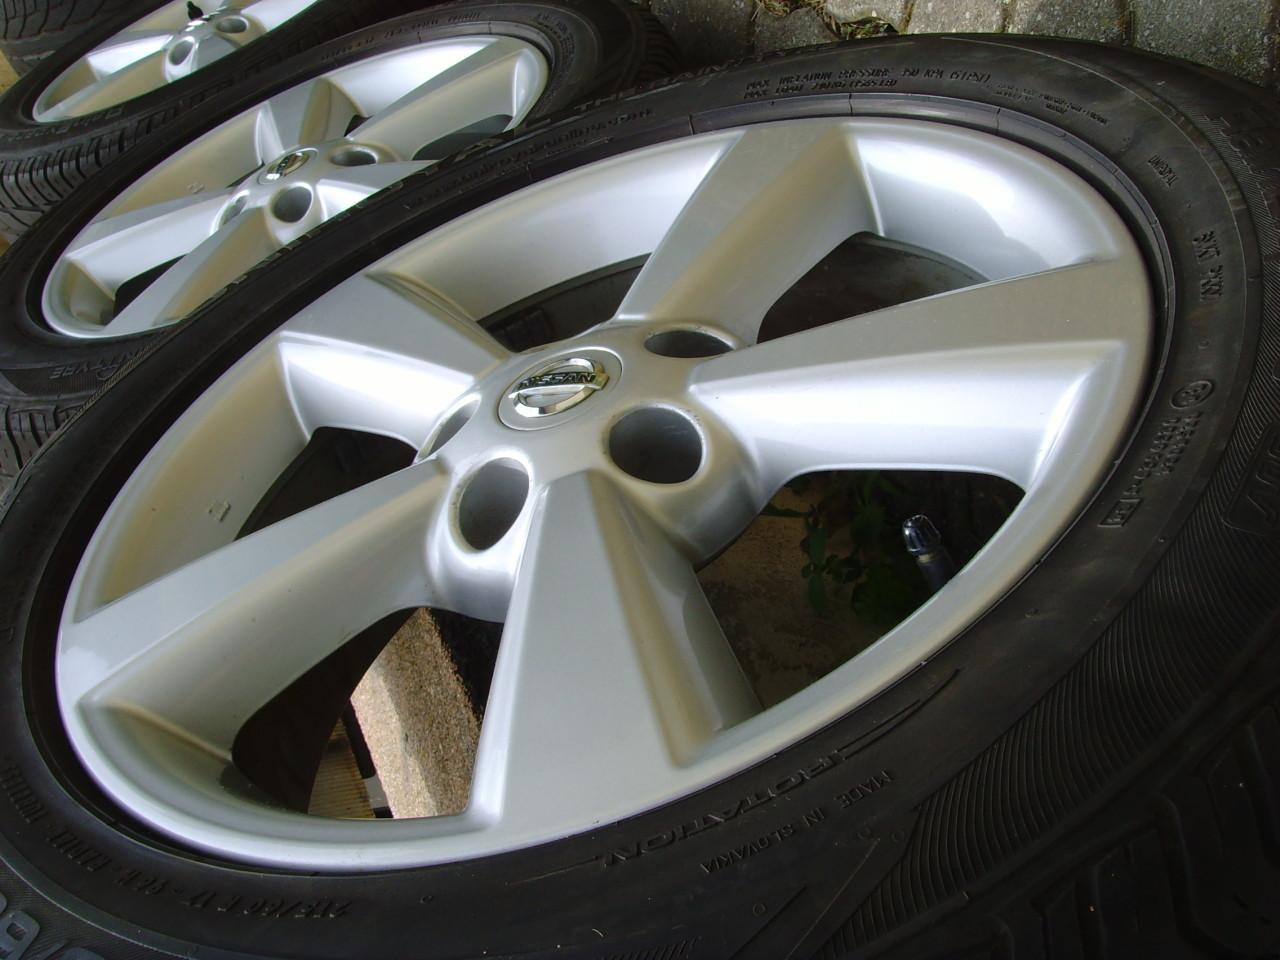 Jante aliaj 5x114,3 R17 origin.Nissan Qashqai 2013,(Dacia Duster)/anvelope vara 215/60 R17 Uniroyal